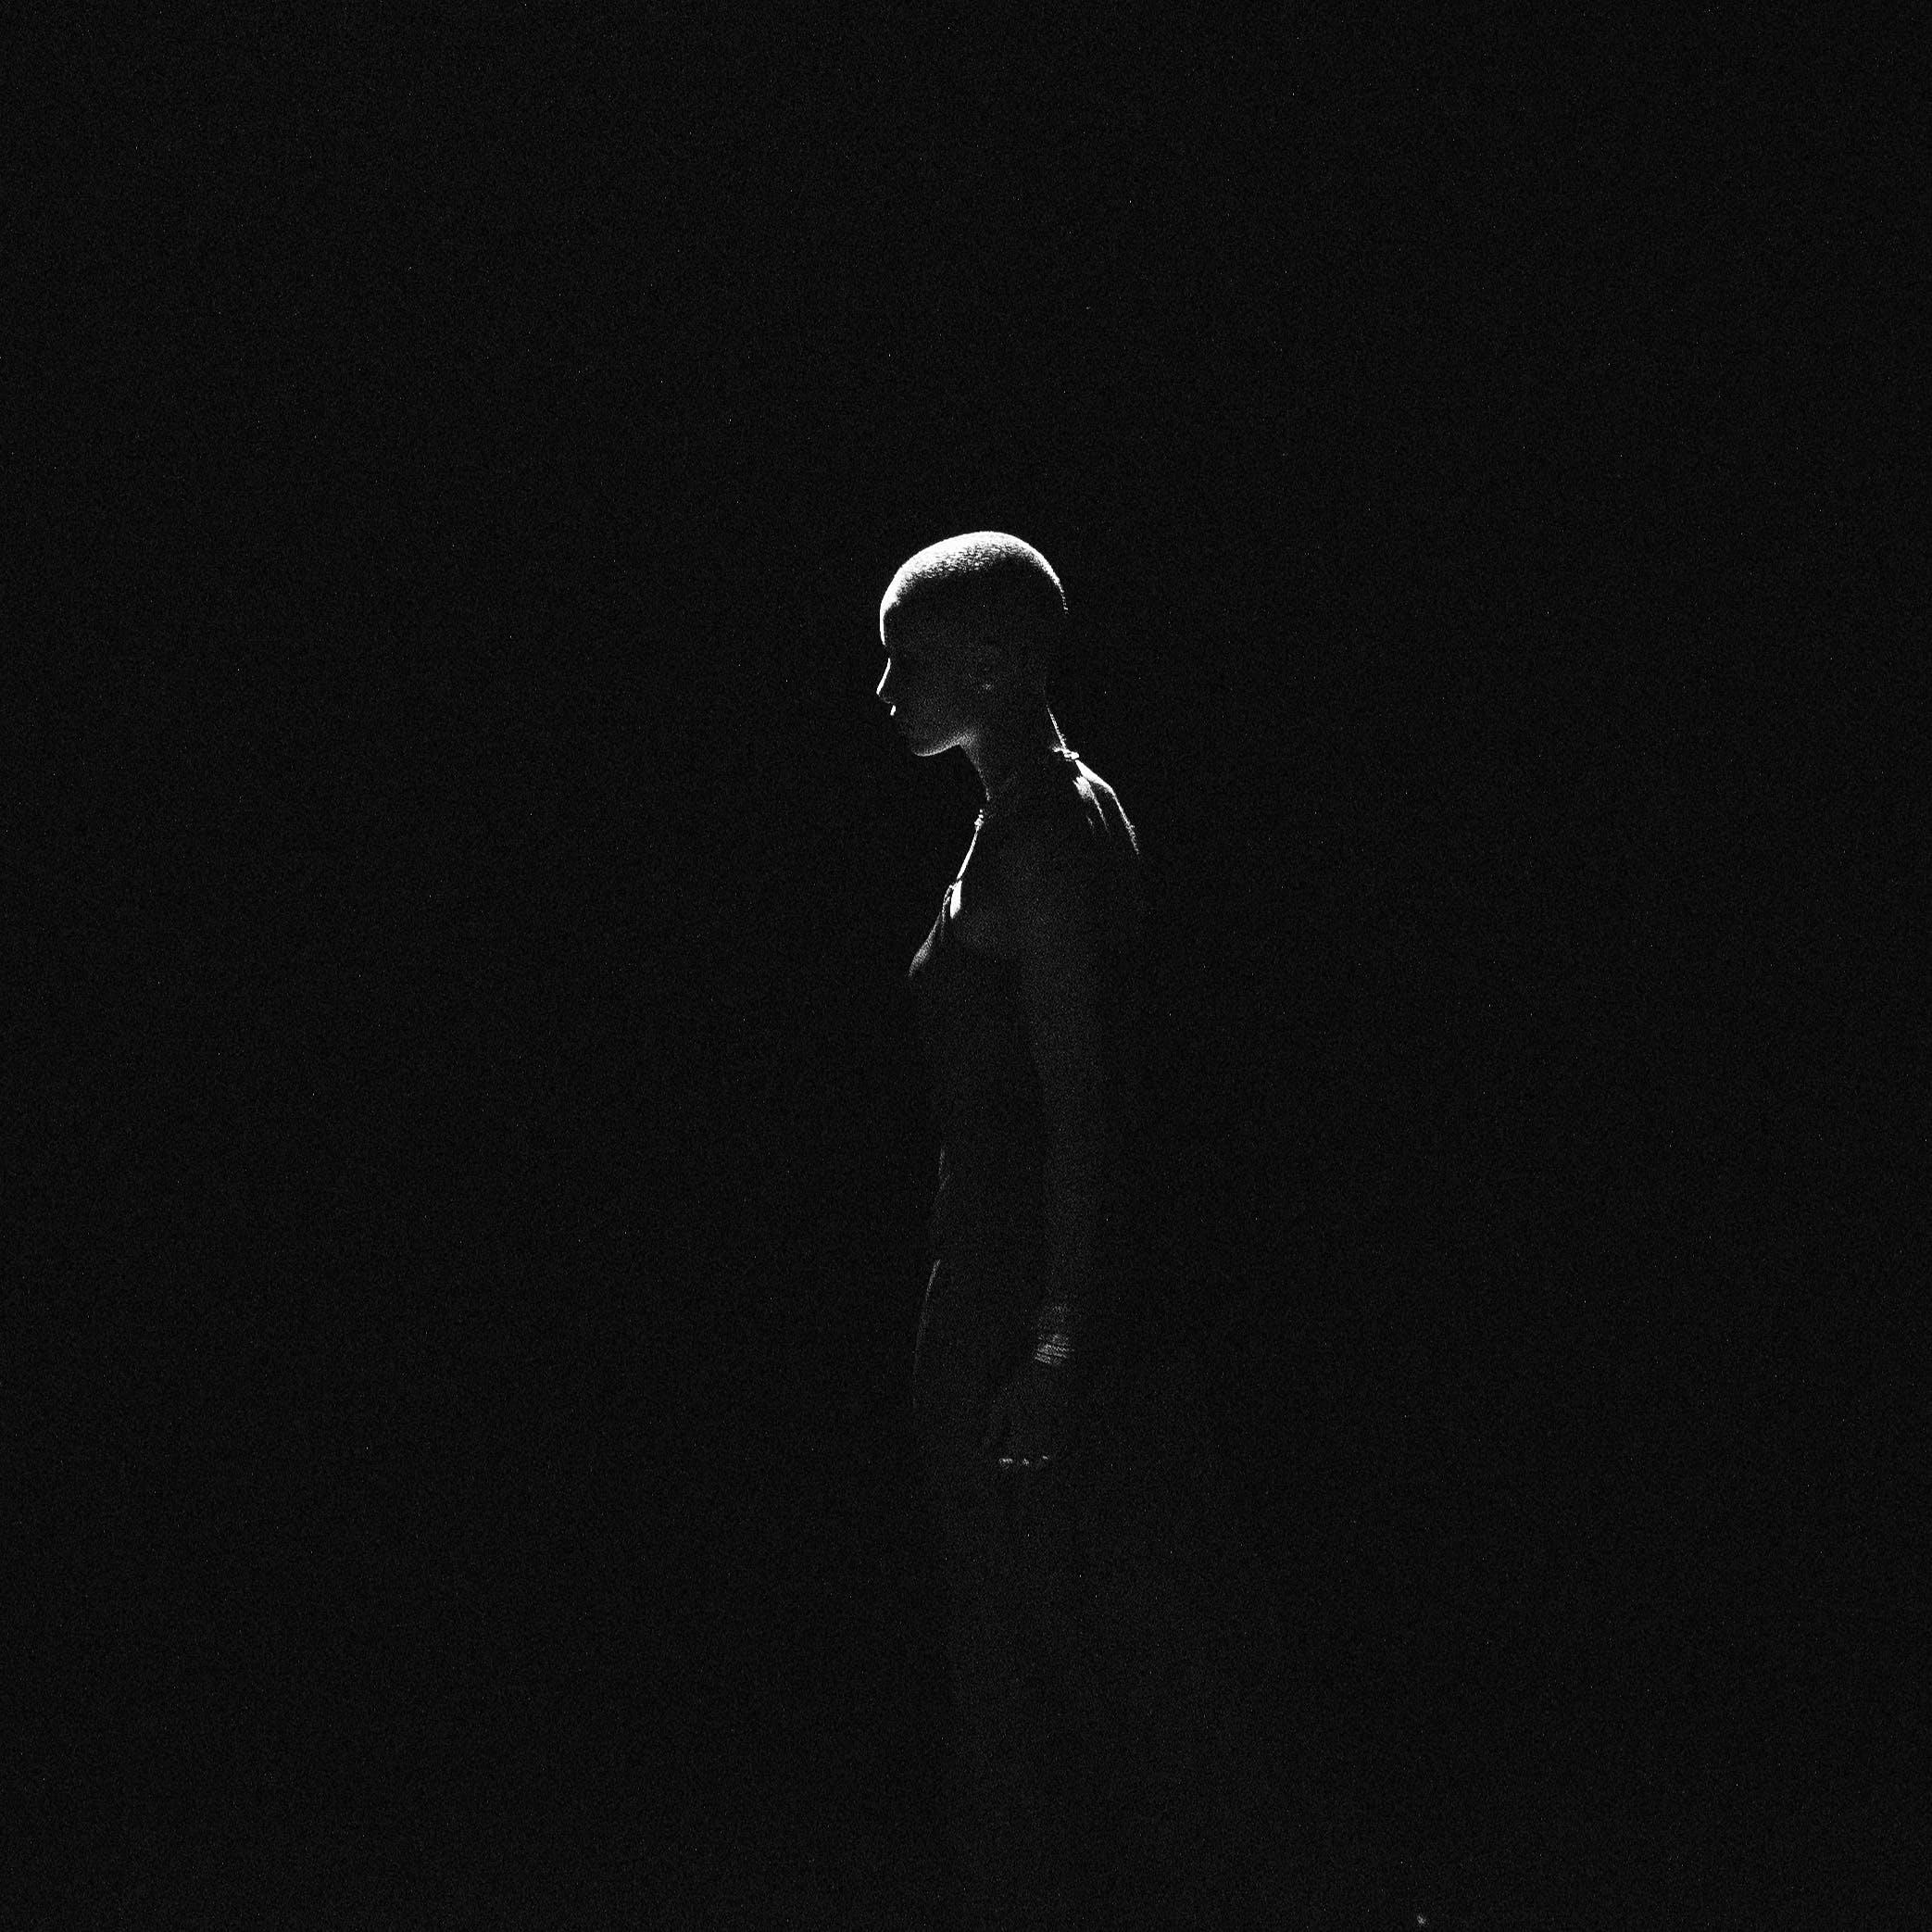 frau, licht, schwarzer hintergrund